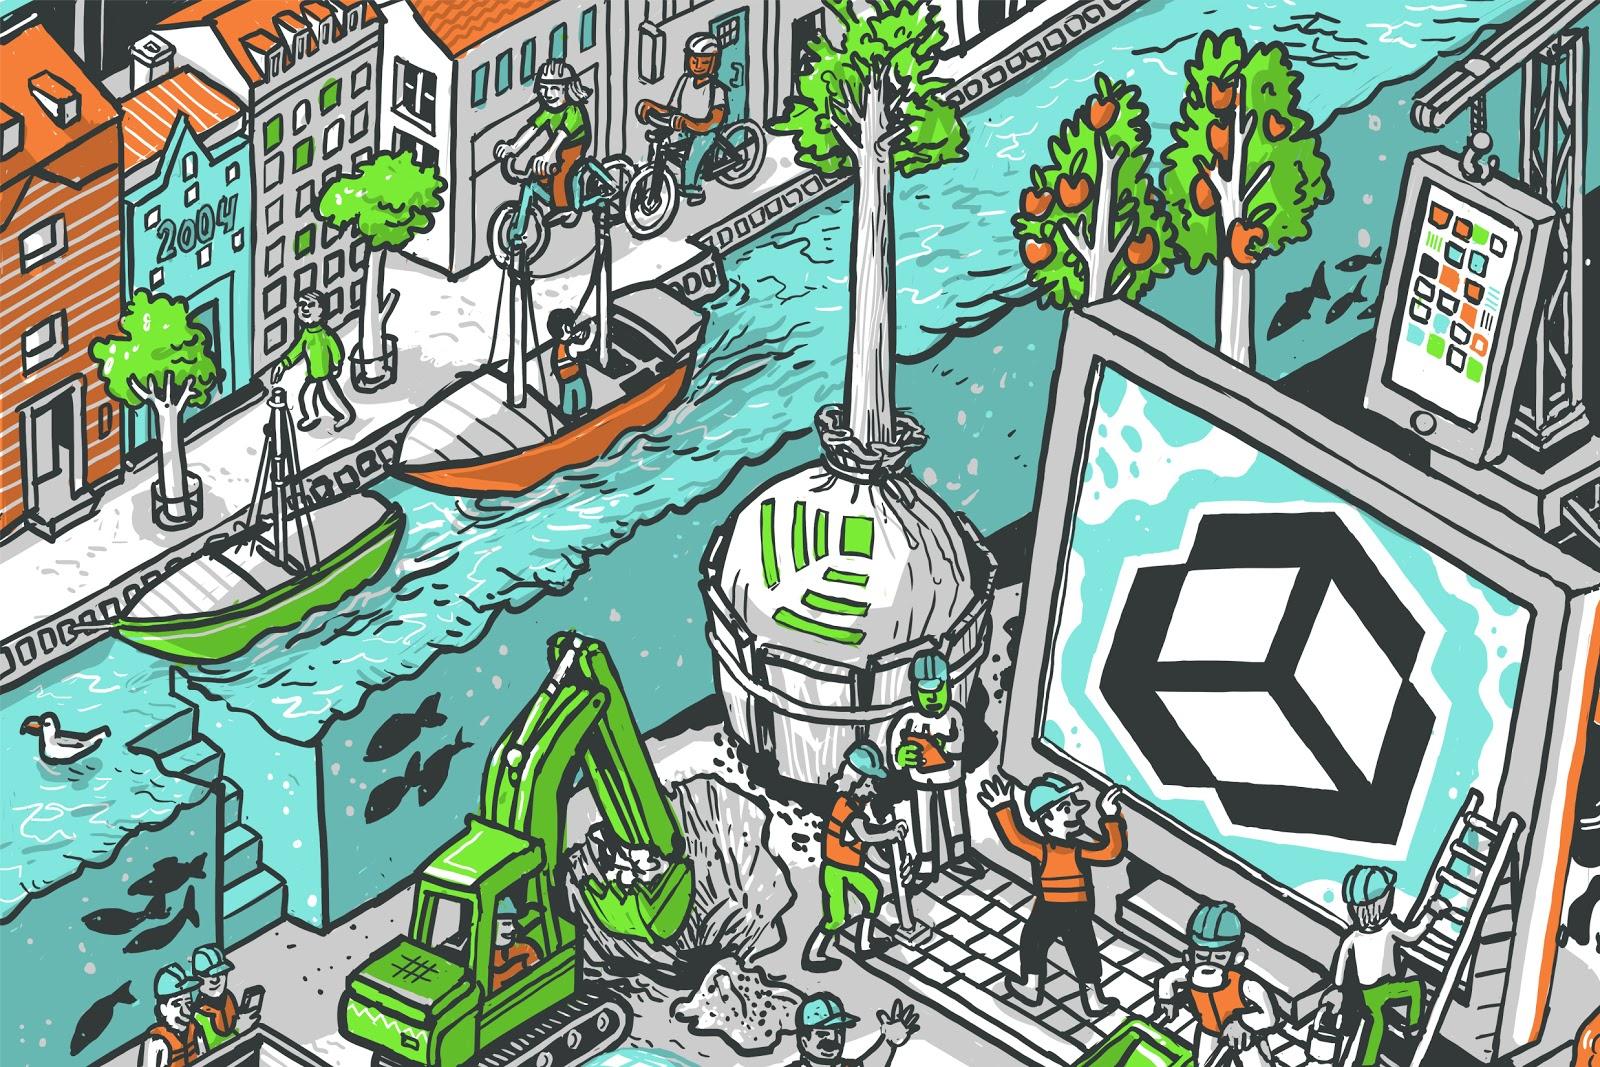 https://techcrunch.com/wp-content/uploads/2019/10/NSussman_Techcrunch_Unity-FINAL-q1.jpg